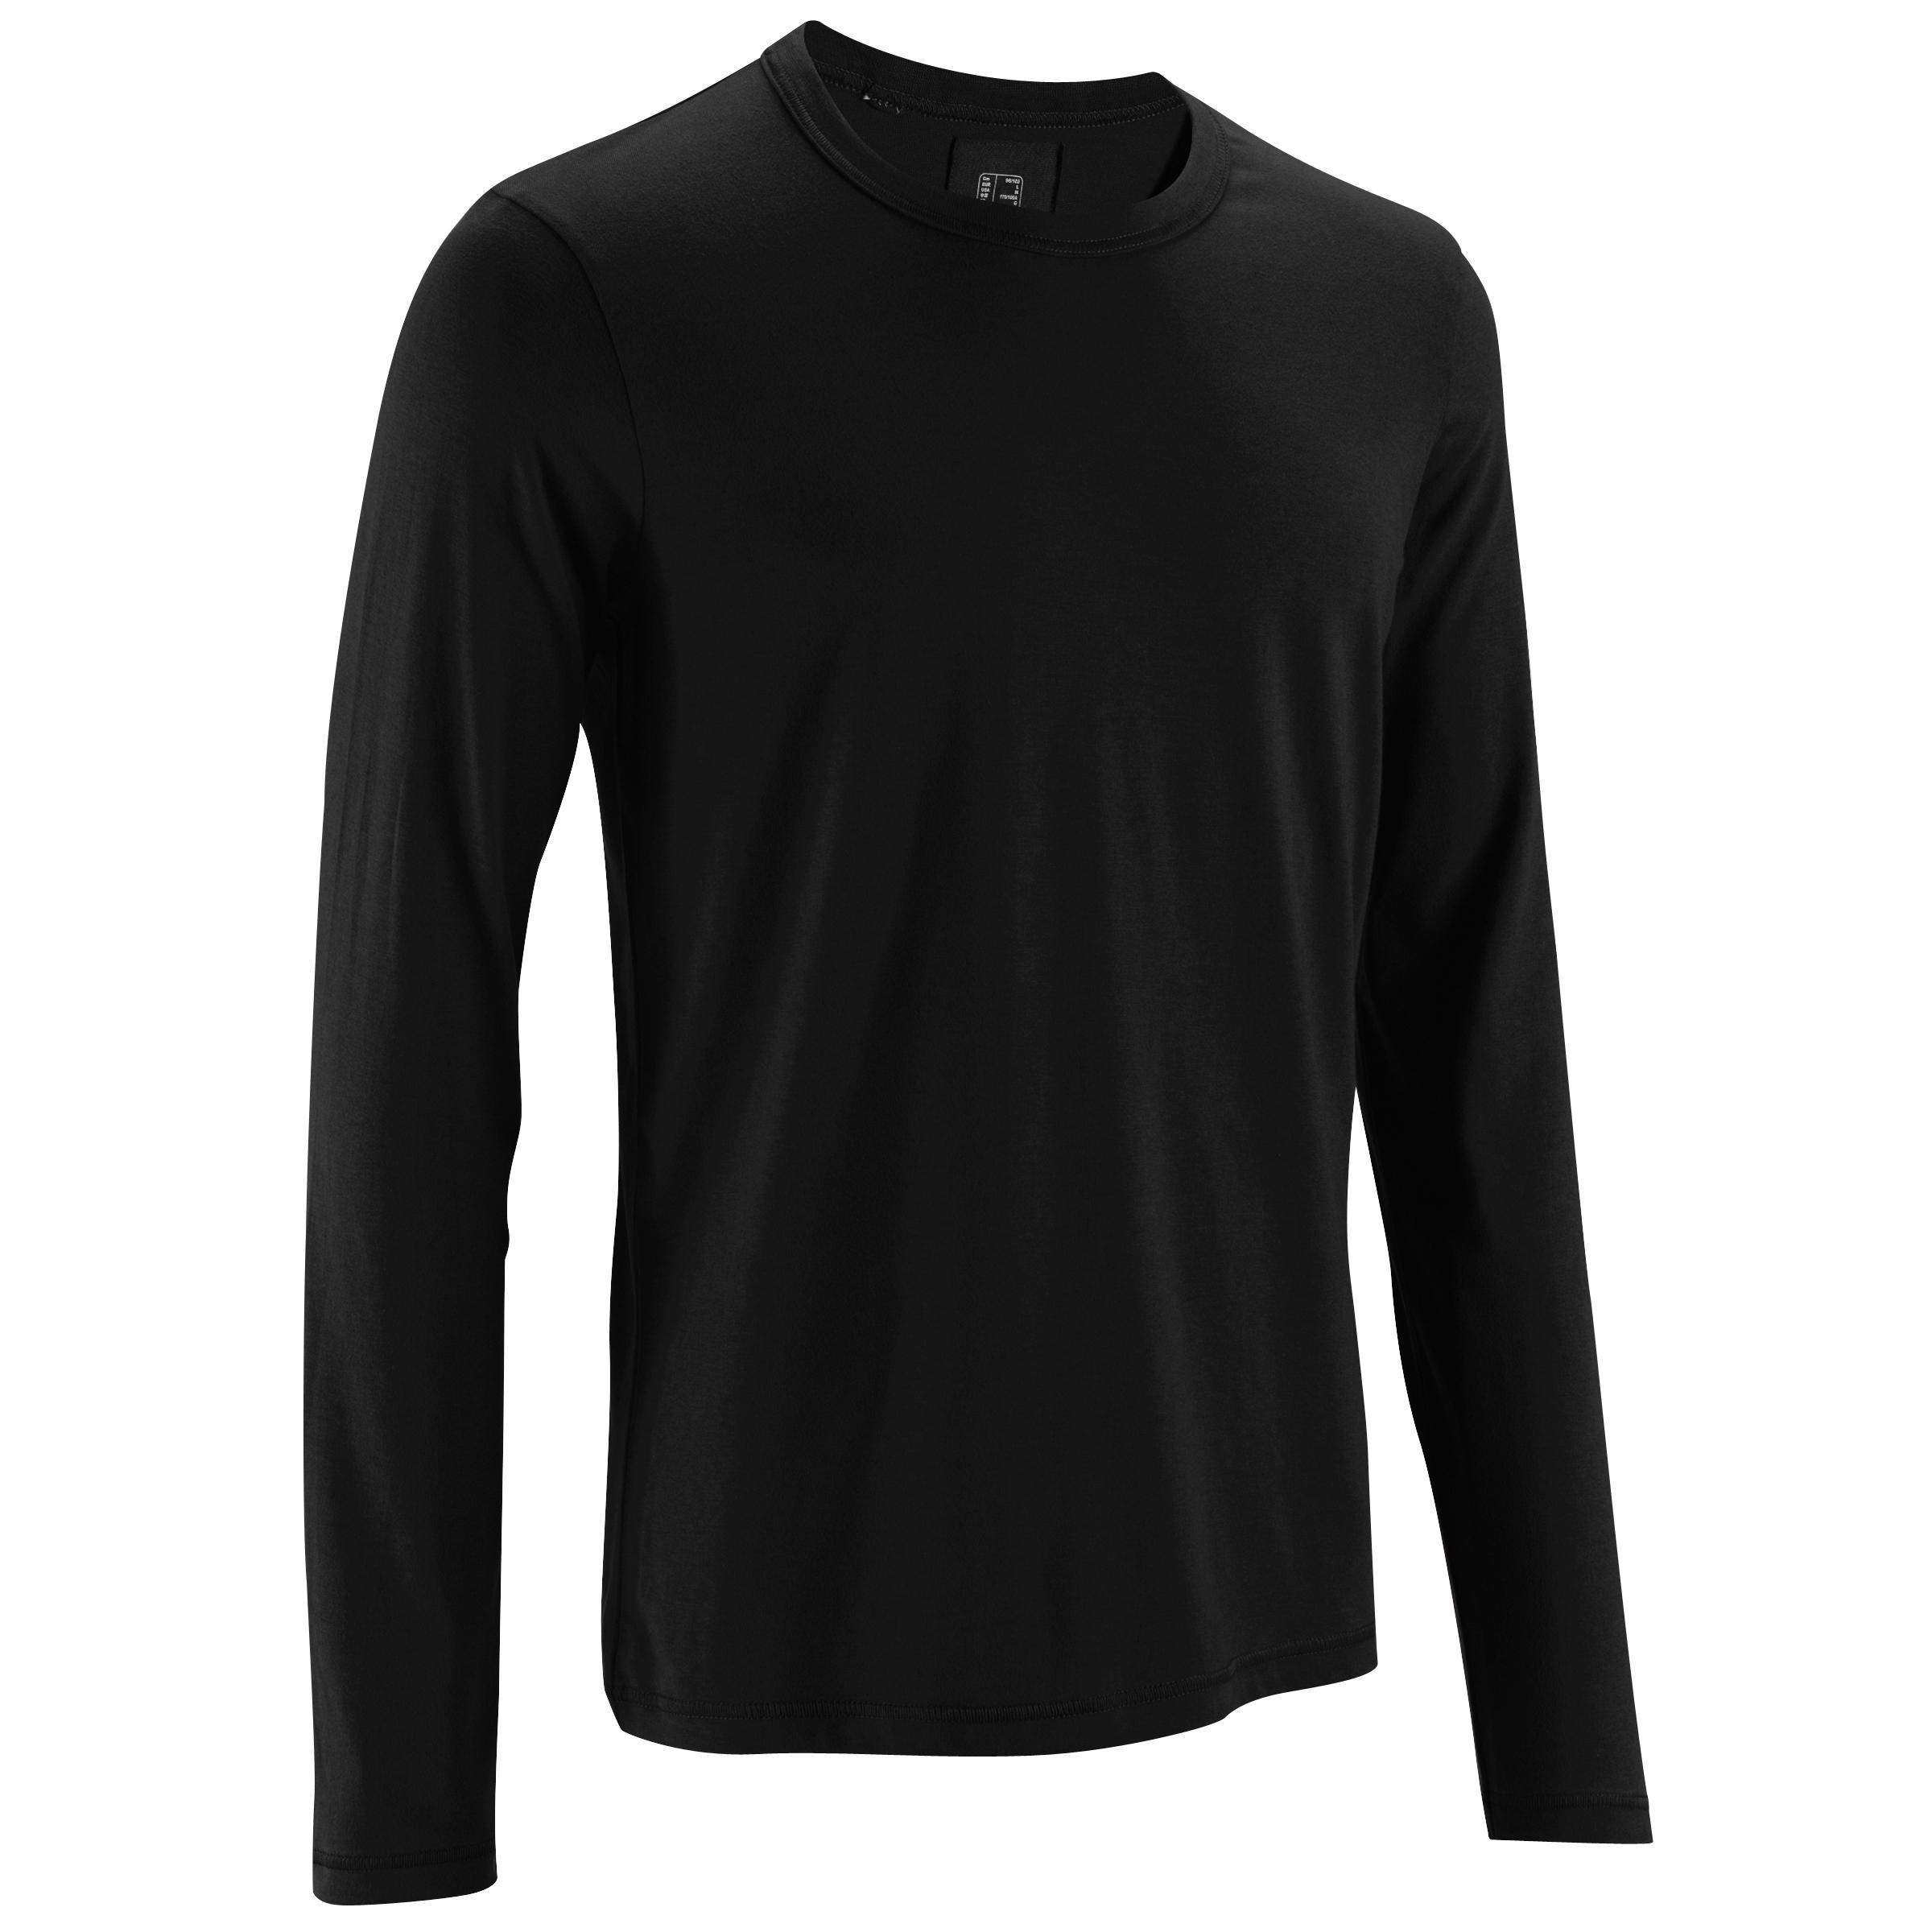 precio baratas comprar nuevo precio especial para Comprar Camisetas de Deportivas y Técnicas para Hombre ...